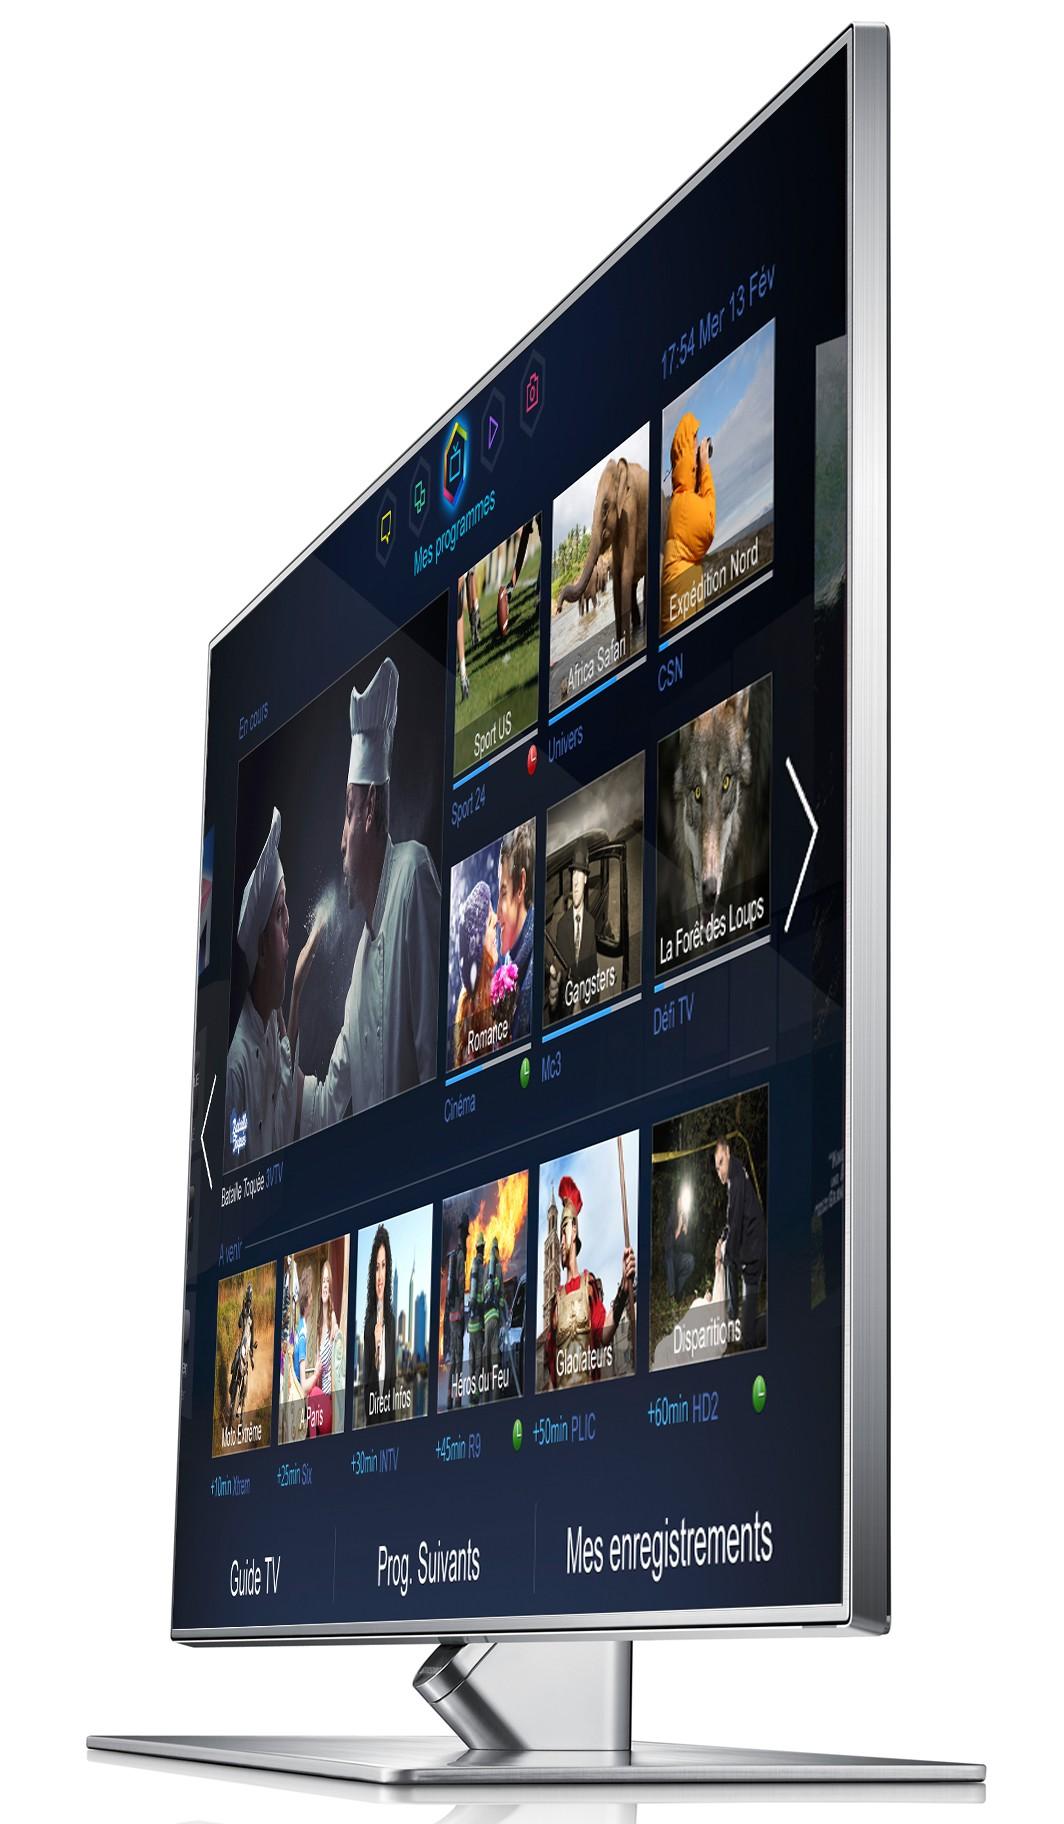 smart tv 3d samsung serie 7 led full hd